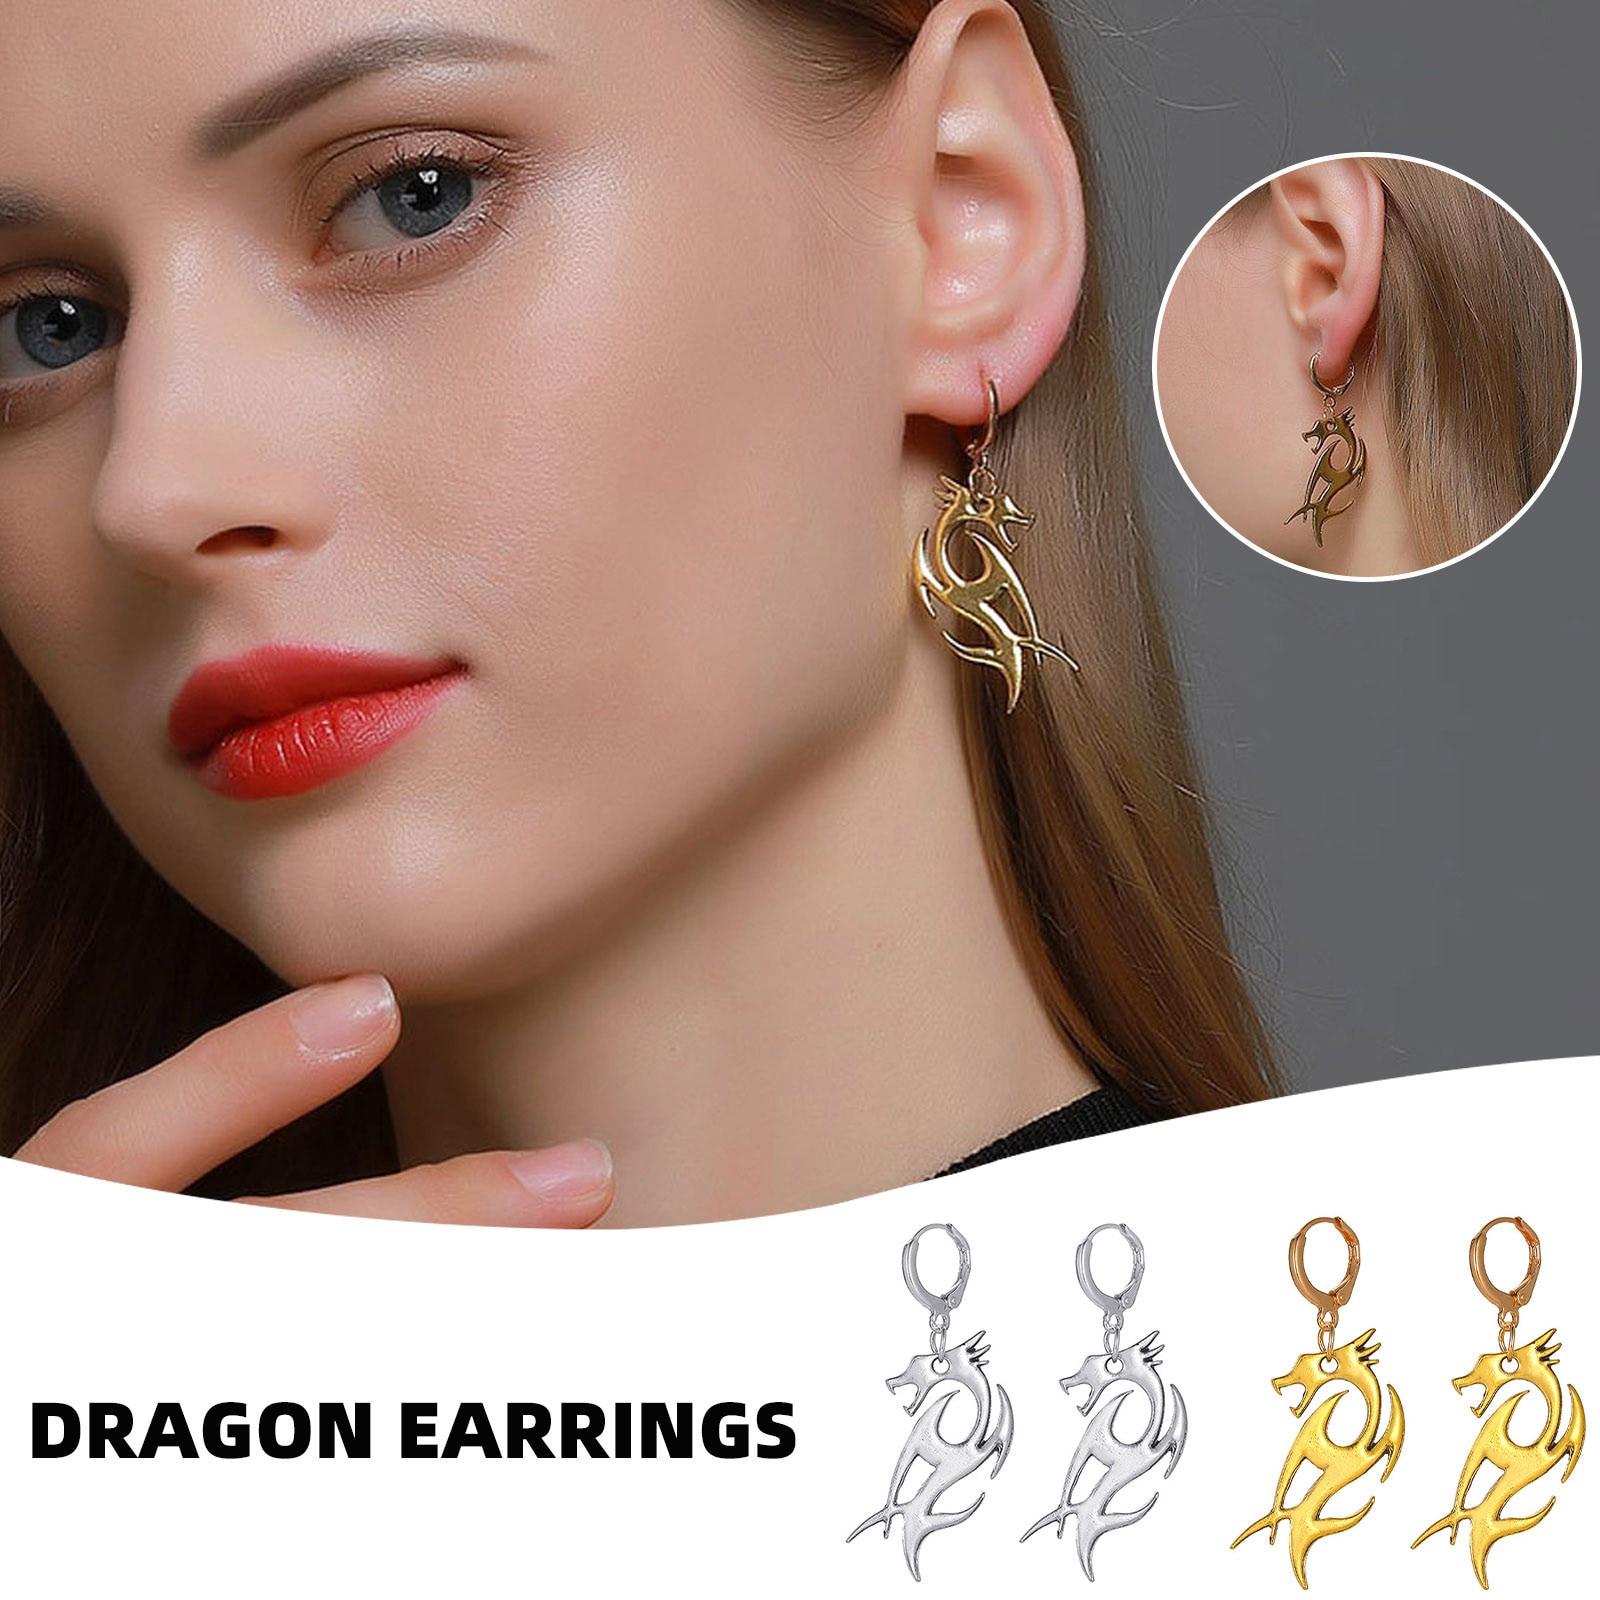 Женские серьги-гвоздики в виде дракона, золотистые серьги из металлического сплава в форме тотемного животного, ювелирные изделия в подаро...